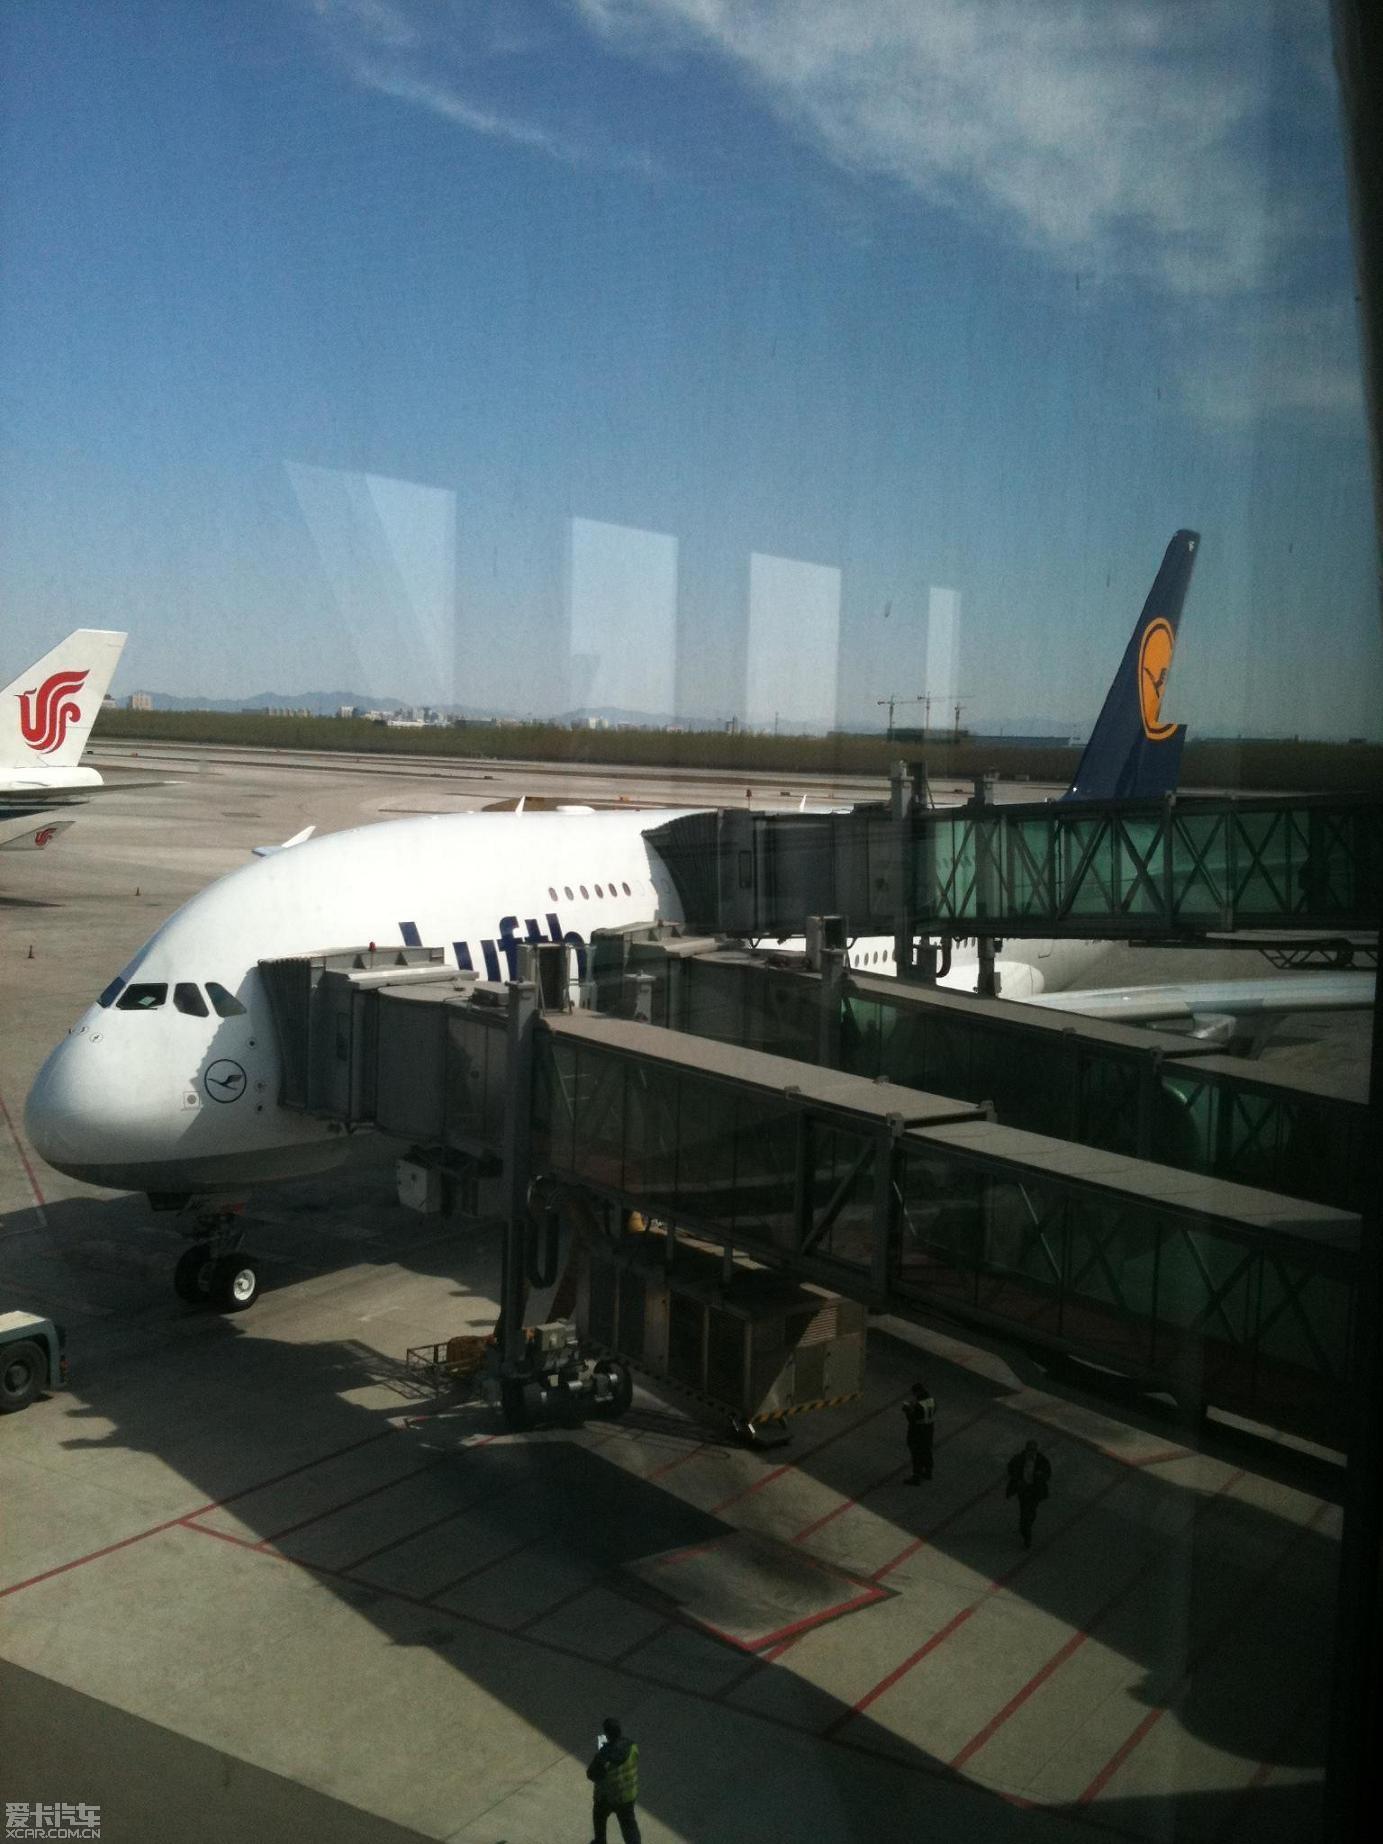 汉莎 阿联酋 空客a380--世界最大飞机--公务舱体验